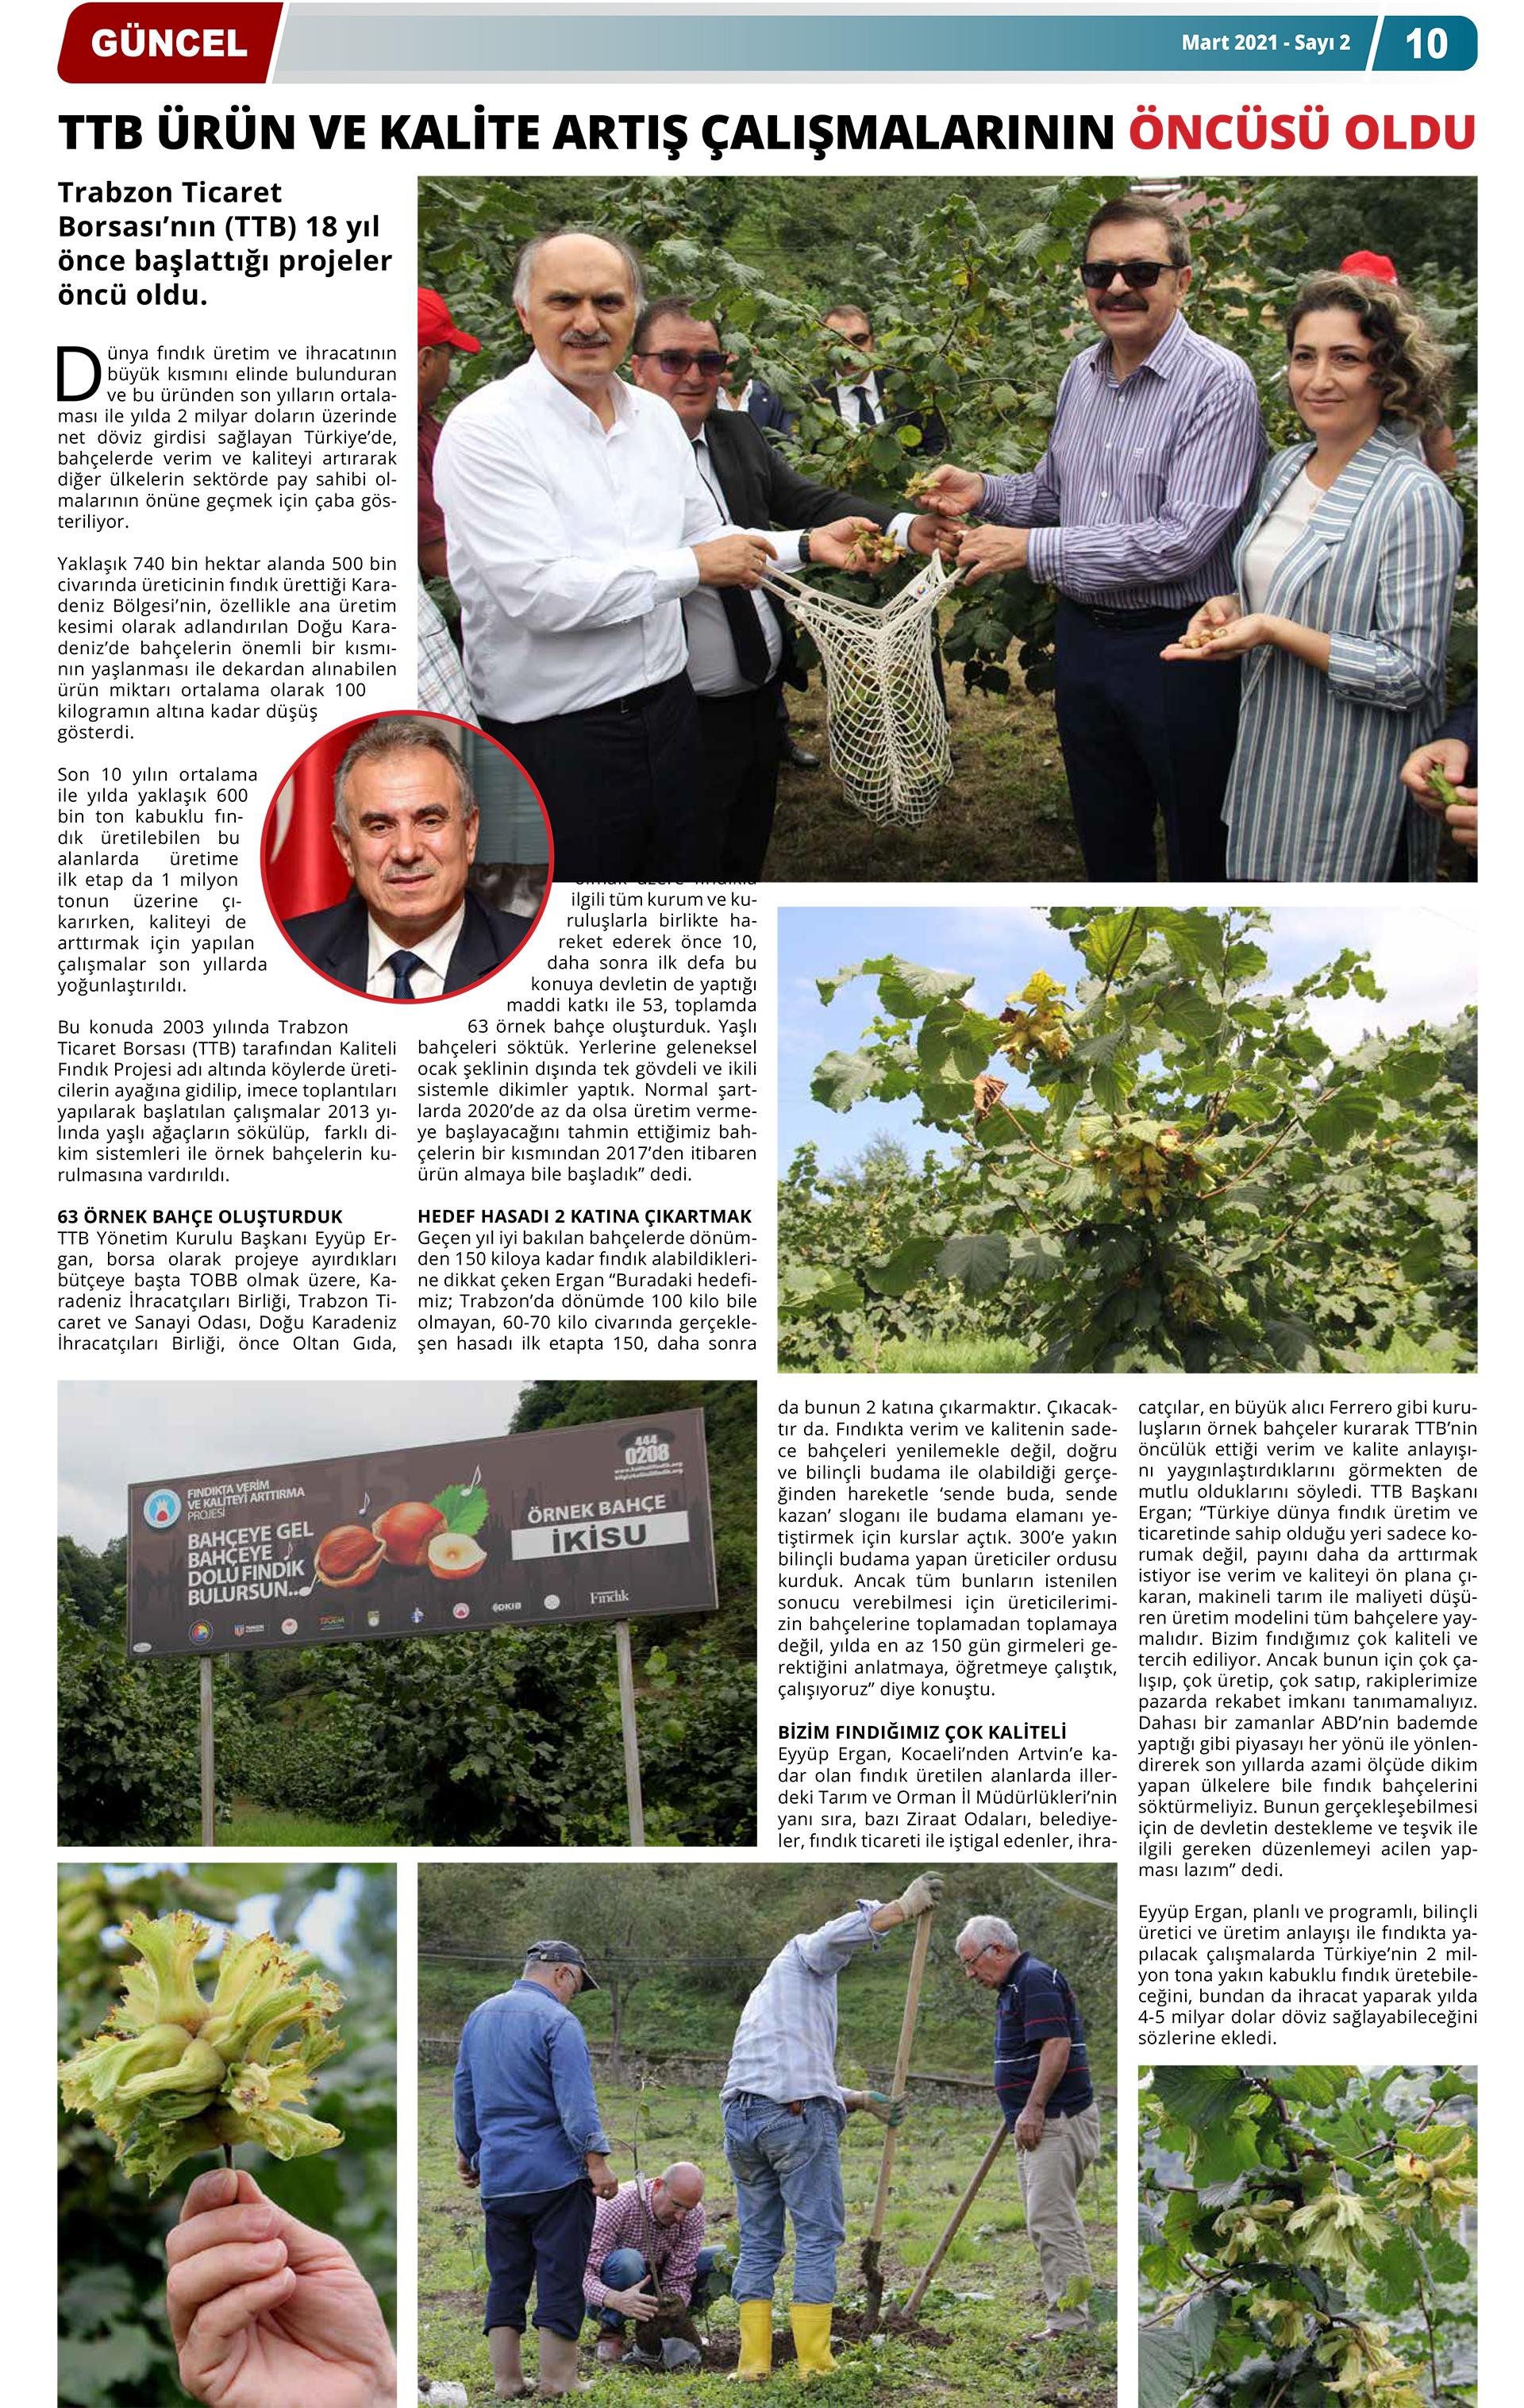 Hürriyet Karadeniz Gazetesi Mart 2021